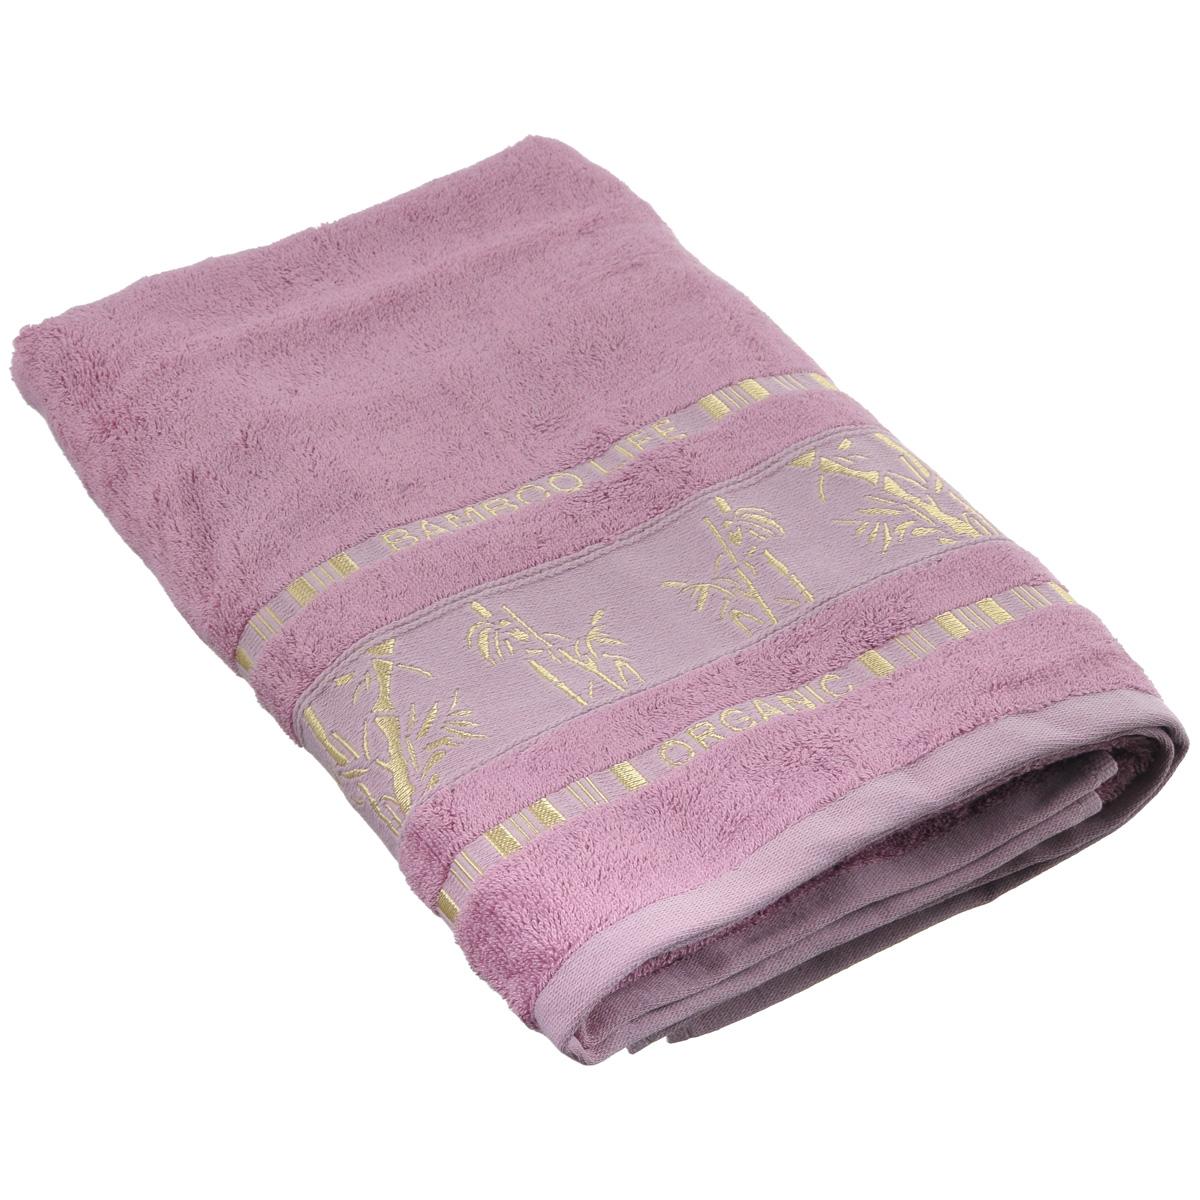 Полотенце Mariposa Bamboo, цвет: темно-розовый, 70 см х 140 см1004900000360Полотенце Mariposa Bamboo, изготовленное из 60% бамбука и 40% хлопка, подарит массу положительных эмоций и приятных ощущений.Полотенца из бамбука только издали похожи на обычные. На самом деле, при первом же прикосновении вы ощутите невероятную мягкость и шелковистость. Таким полотенцем не нужно вытираться - только коснитесь кожи - и ткань сама все впитает! Несмотря на богатую плотность и высокую петлю полотенца, оно быстро сохнет, остается легким даже при намокании.Полотенце оформлено изображением бамбука. Благородный тон создает уют и подчеркивает лучшие качества махровой ткани. Полотенце Mariposa Bamboo станет достойным выбором для вас и приятным подарком для ваших близких.Размер полотенца: 70 см х 140 см.